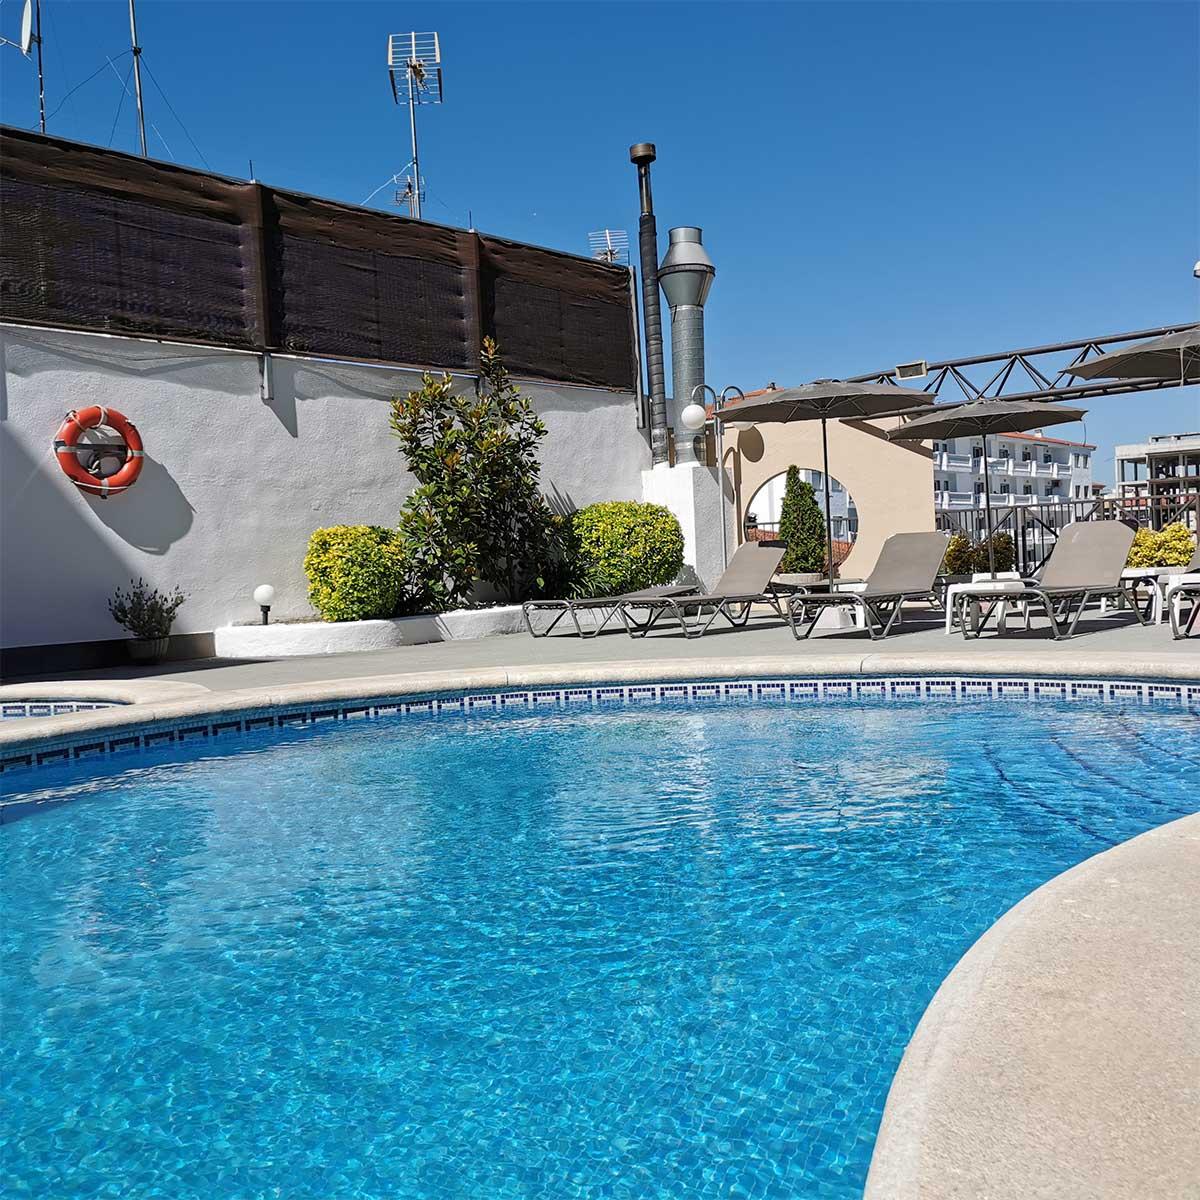 En el Hotel Petit Palau disponemos de servicio de piscina exterior y solarium